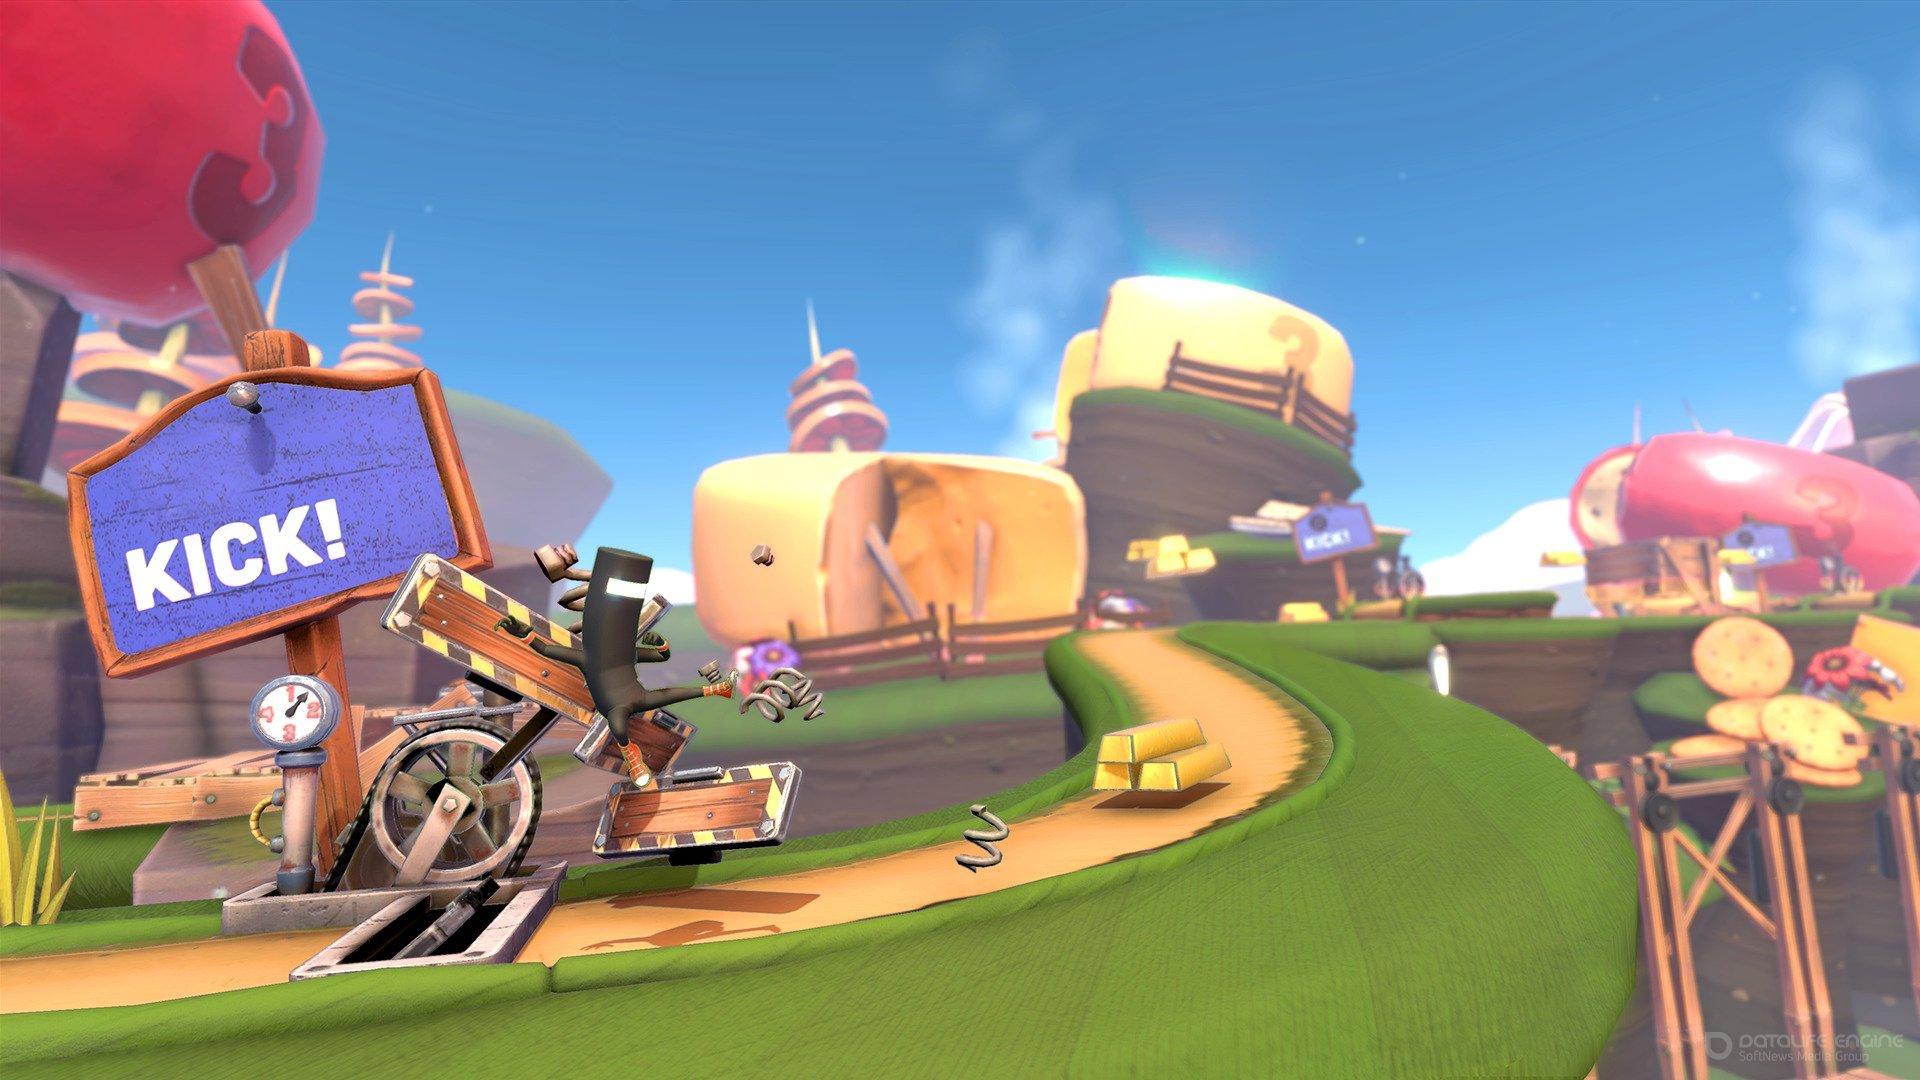 Скриншот к игре Runner3 (2018) скачать торрент Лицензия